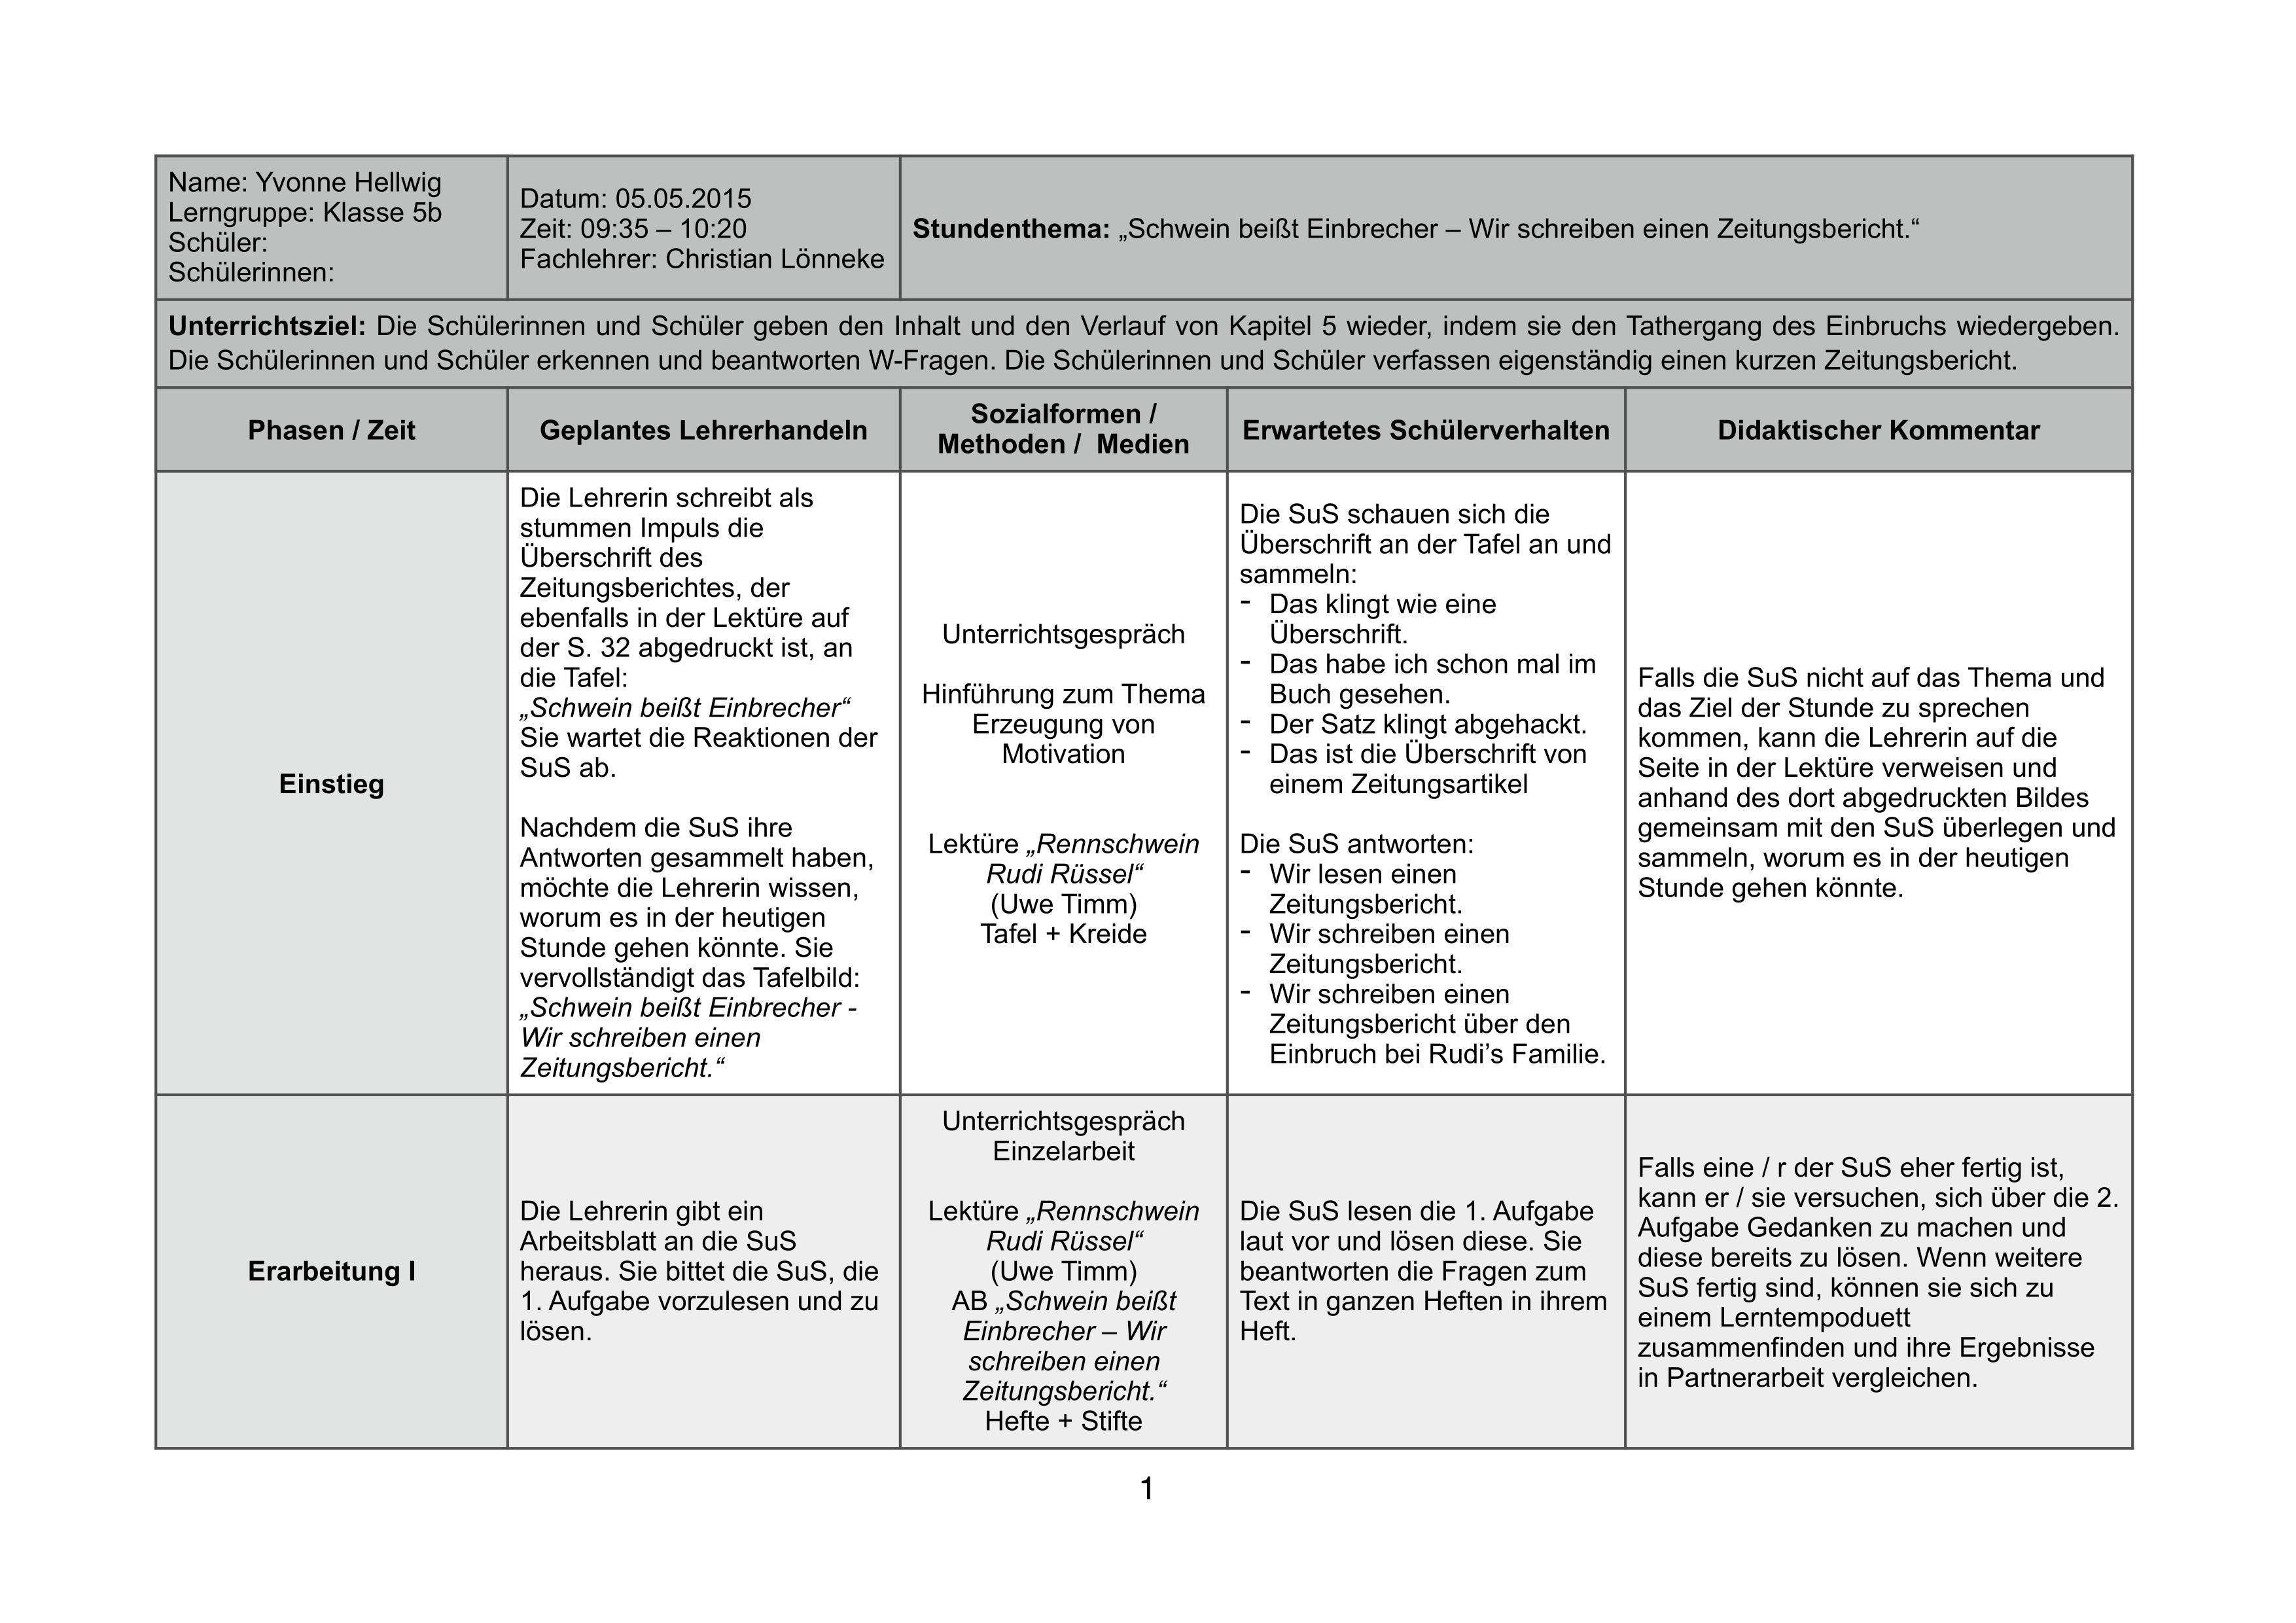 Unterrichtsplanung Verlaufsskizze Rudi Russel Unterrichtsmaterial In Den Fachern Daz Daf Deutsch In 2020 Unterrichts Planung Unterrichtsplanung Unterrichtsmaterial